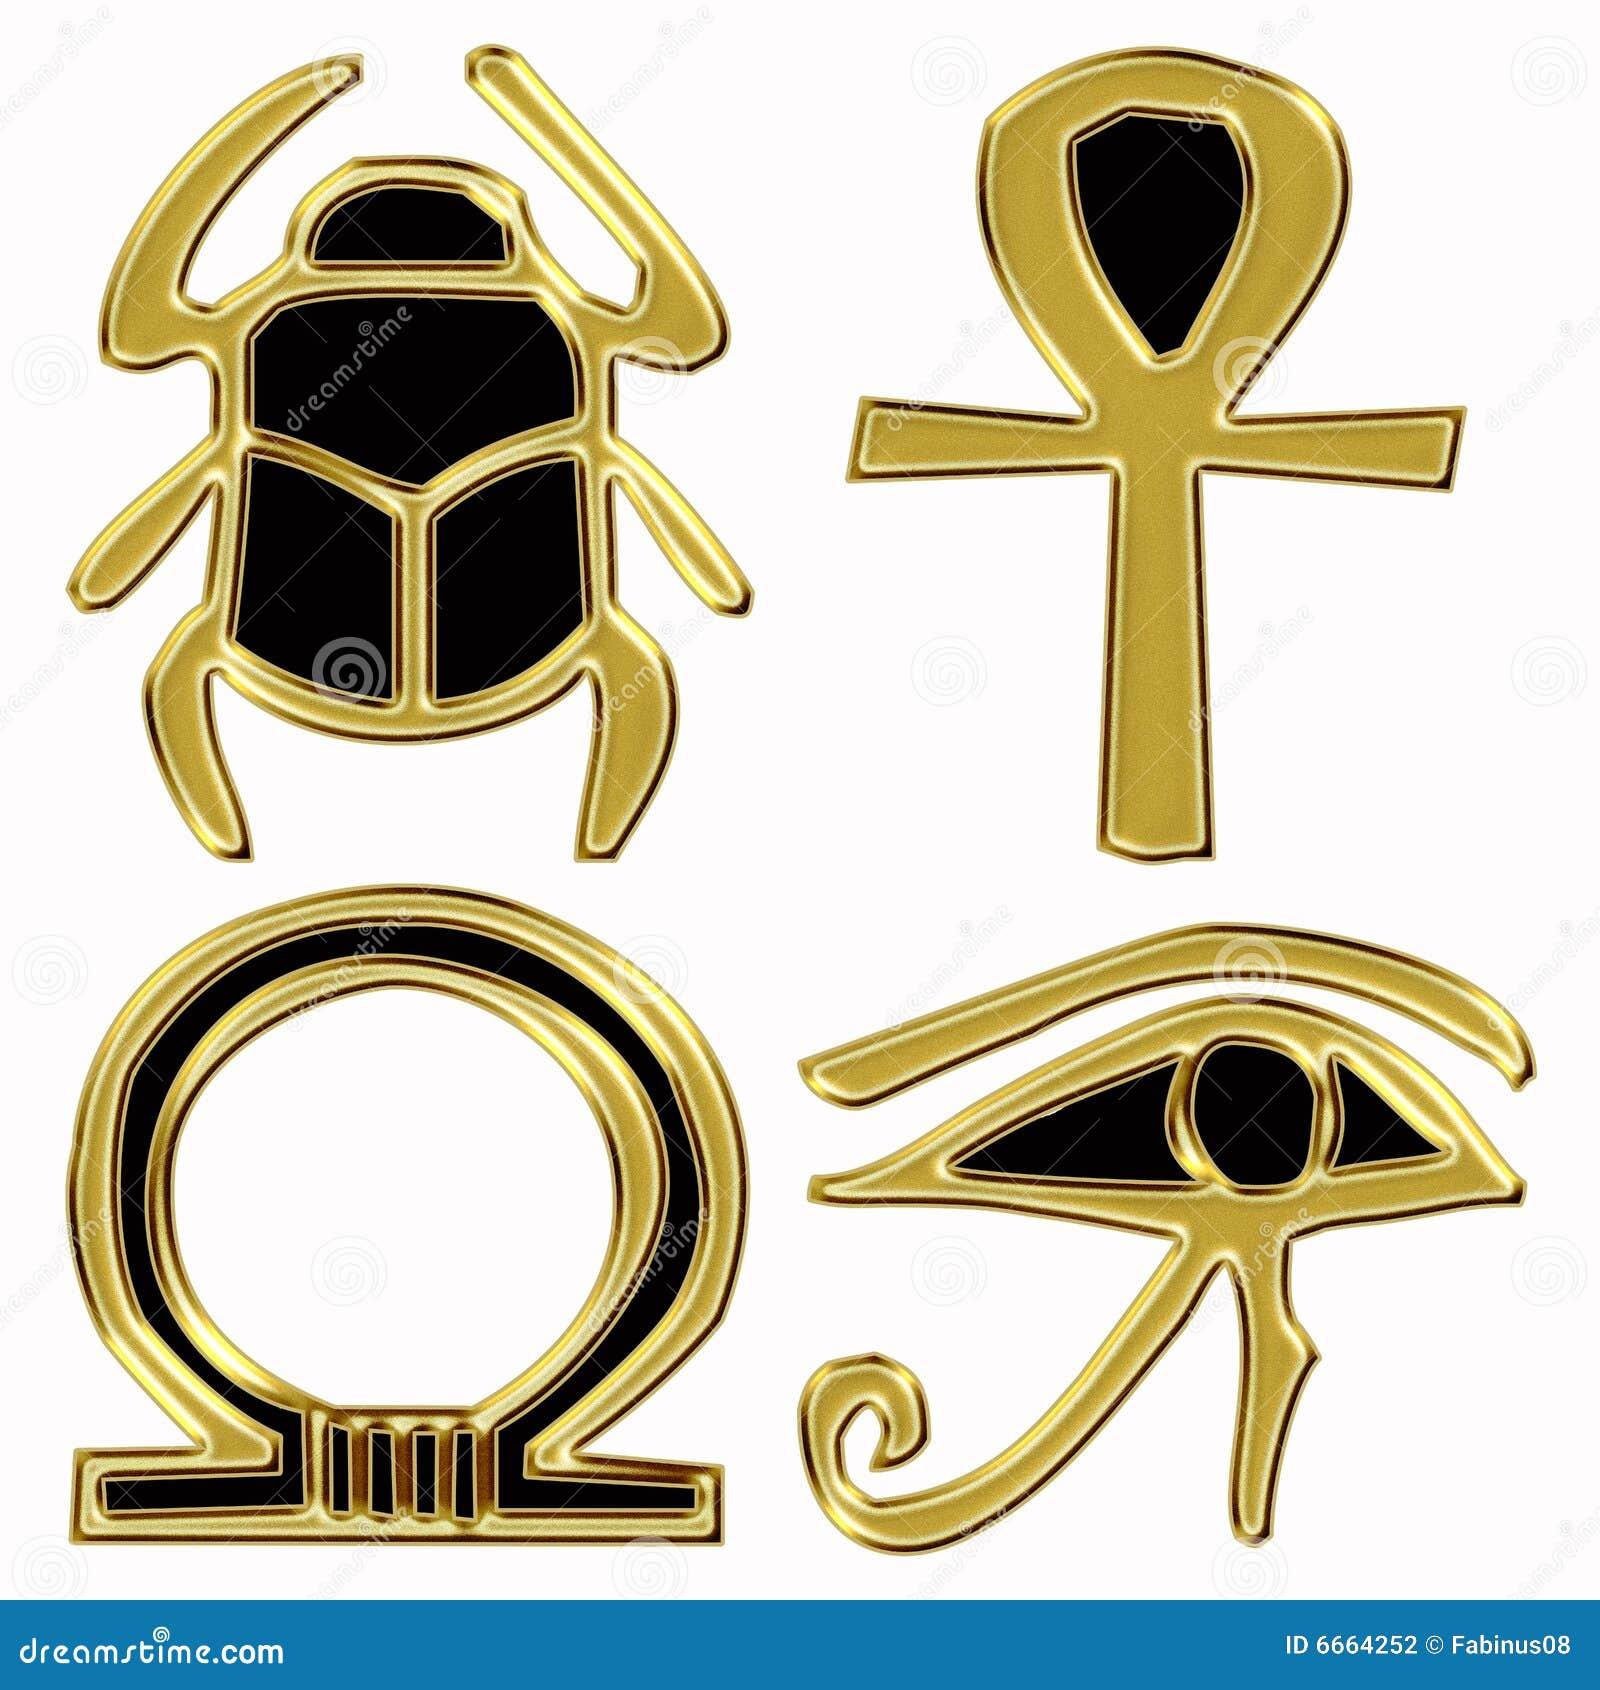 египетская символика картинки время